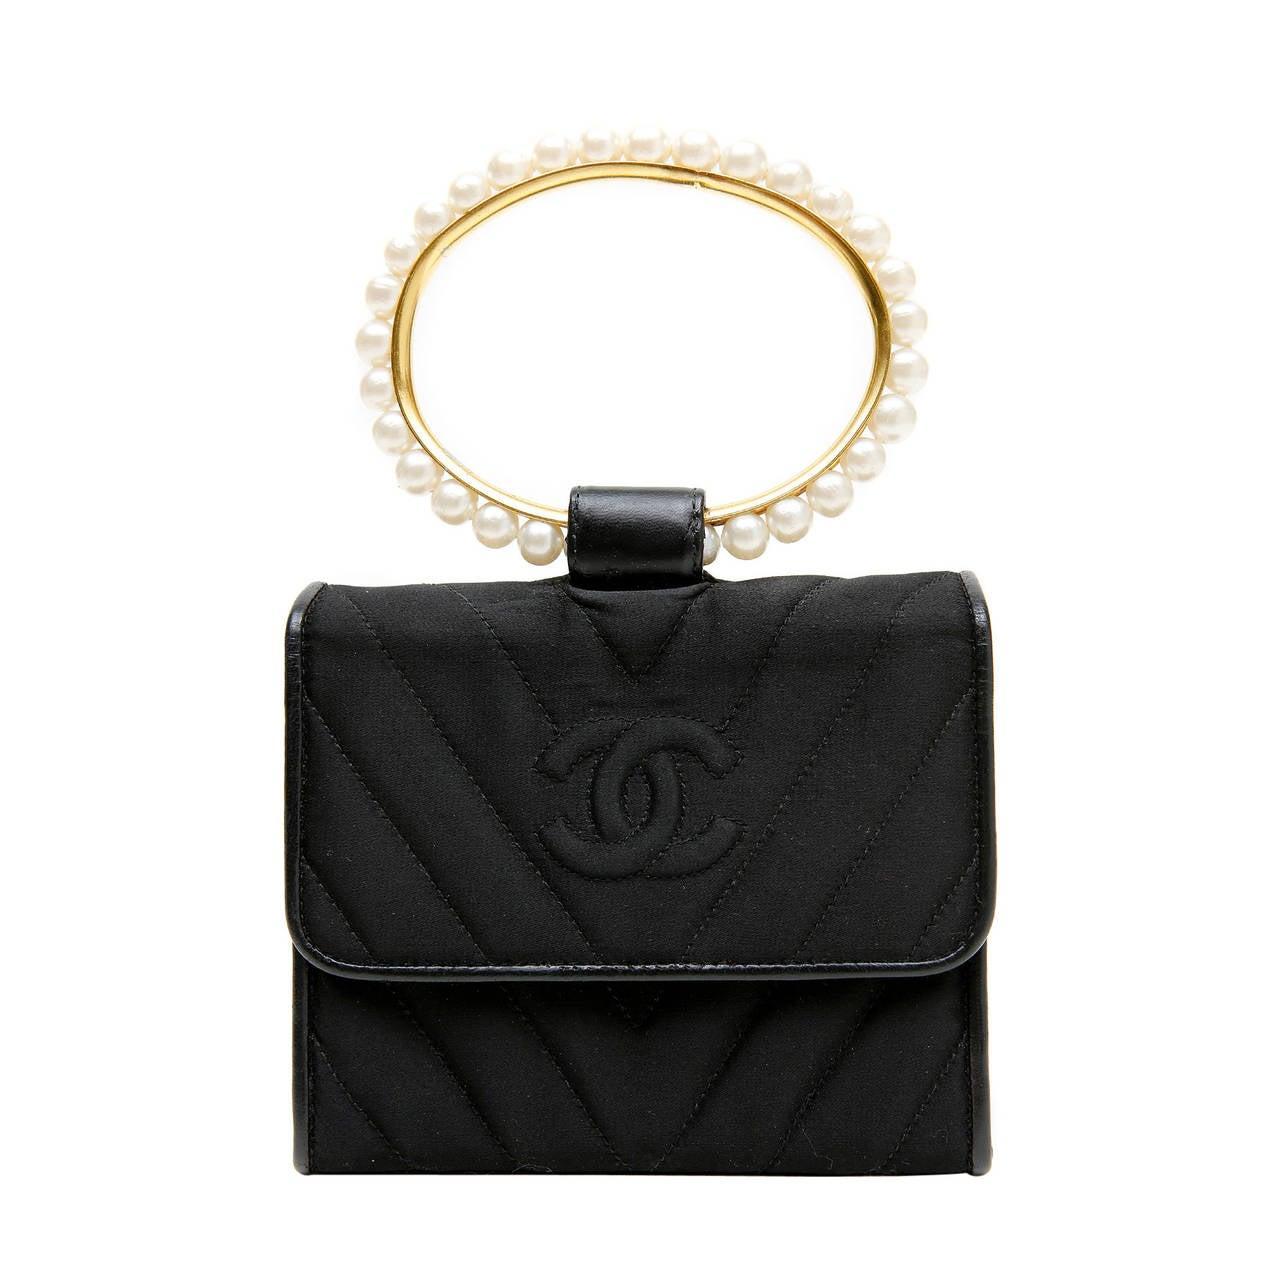 chanel black pearl handle vintage evening bag at 1stdibs